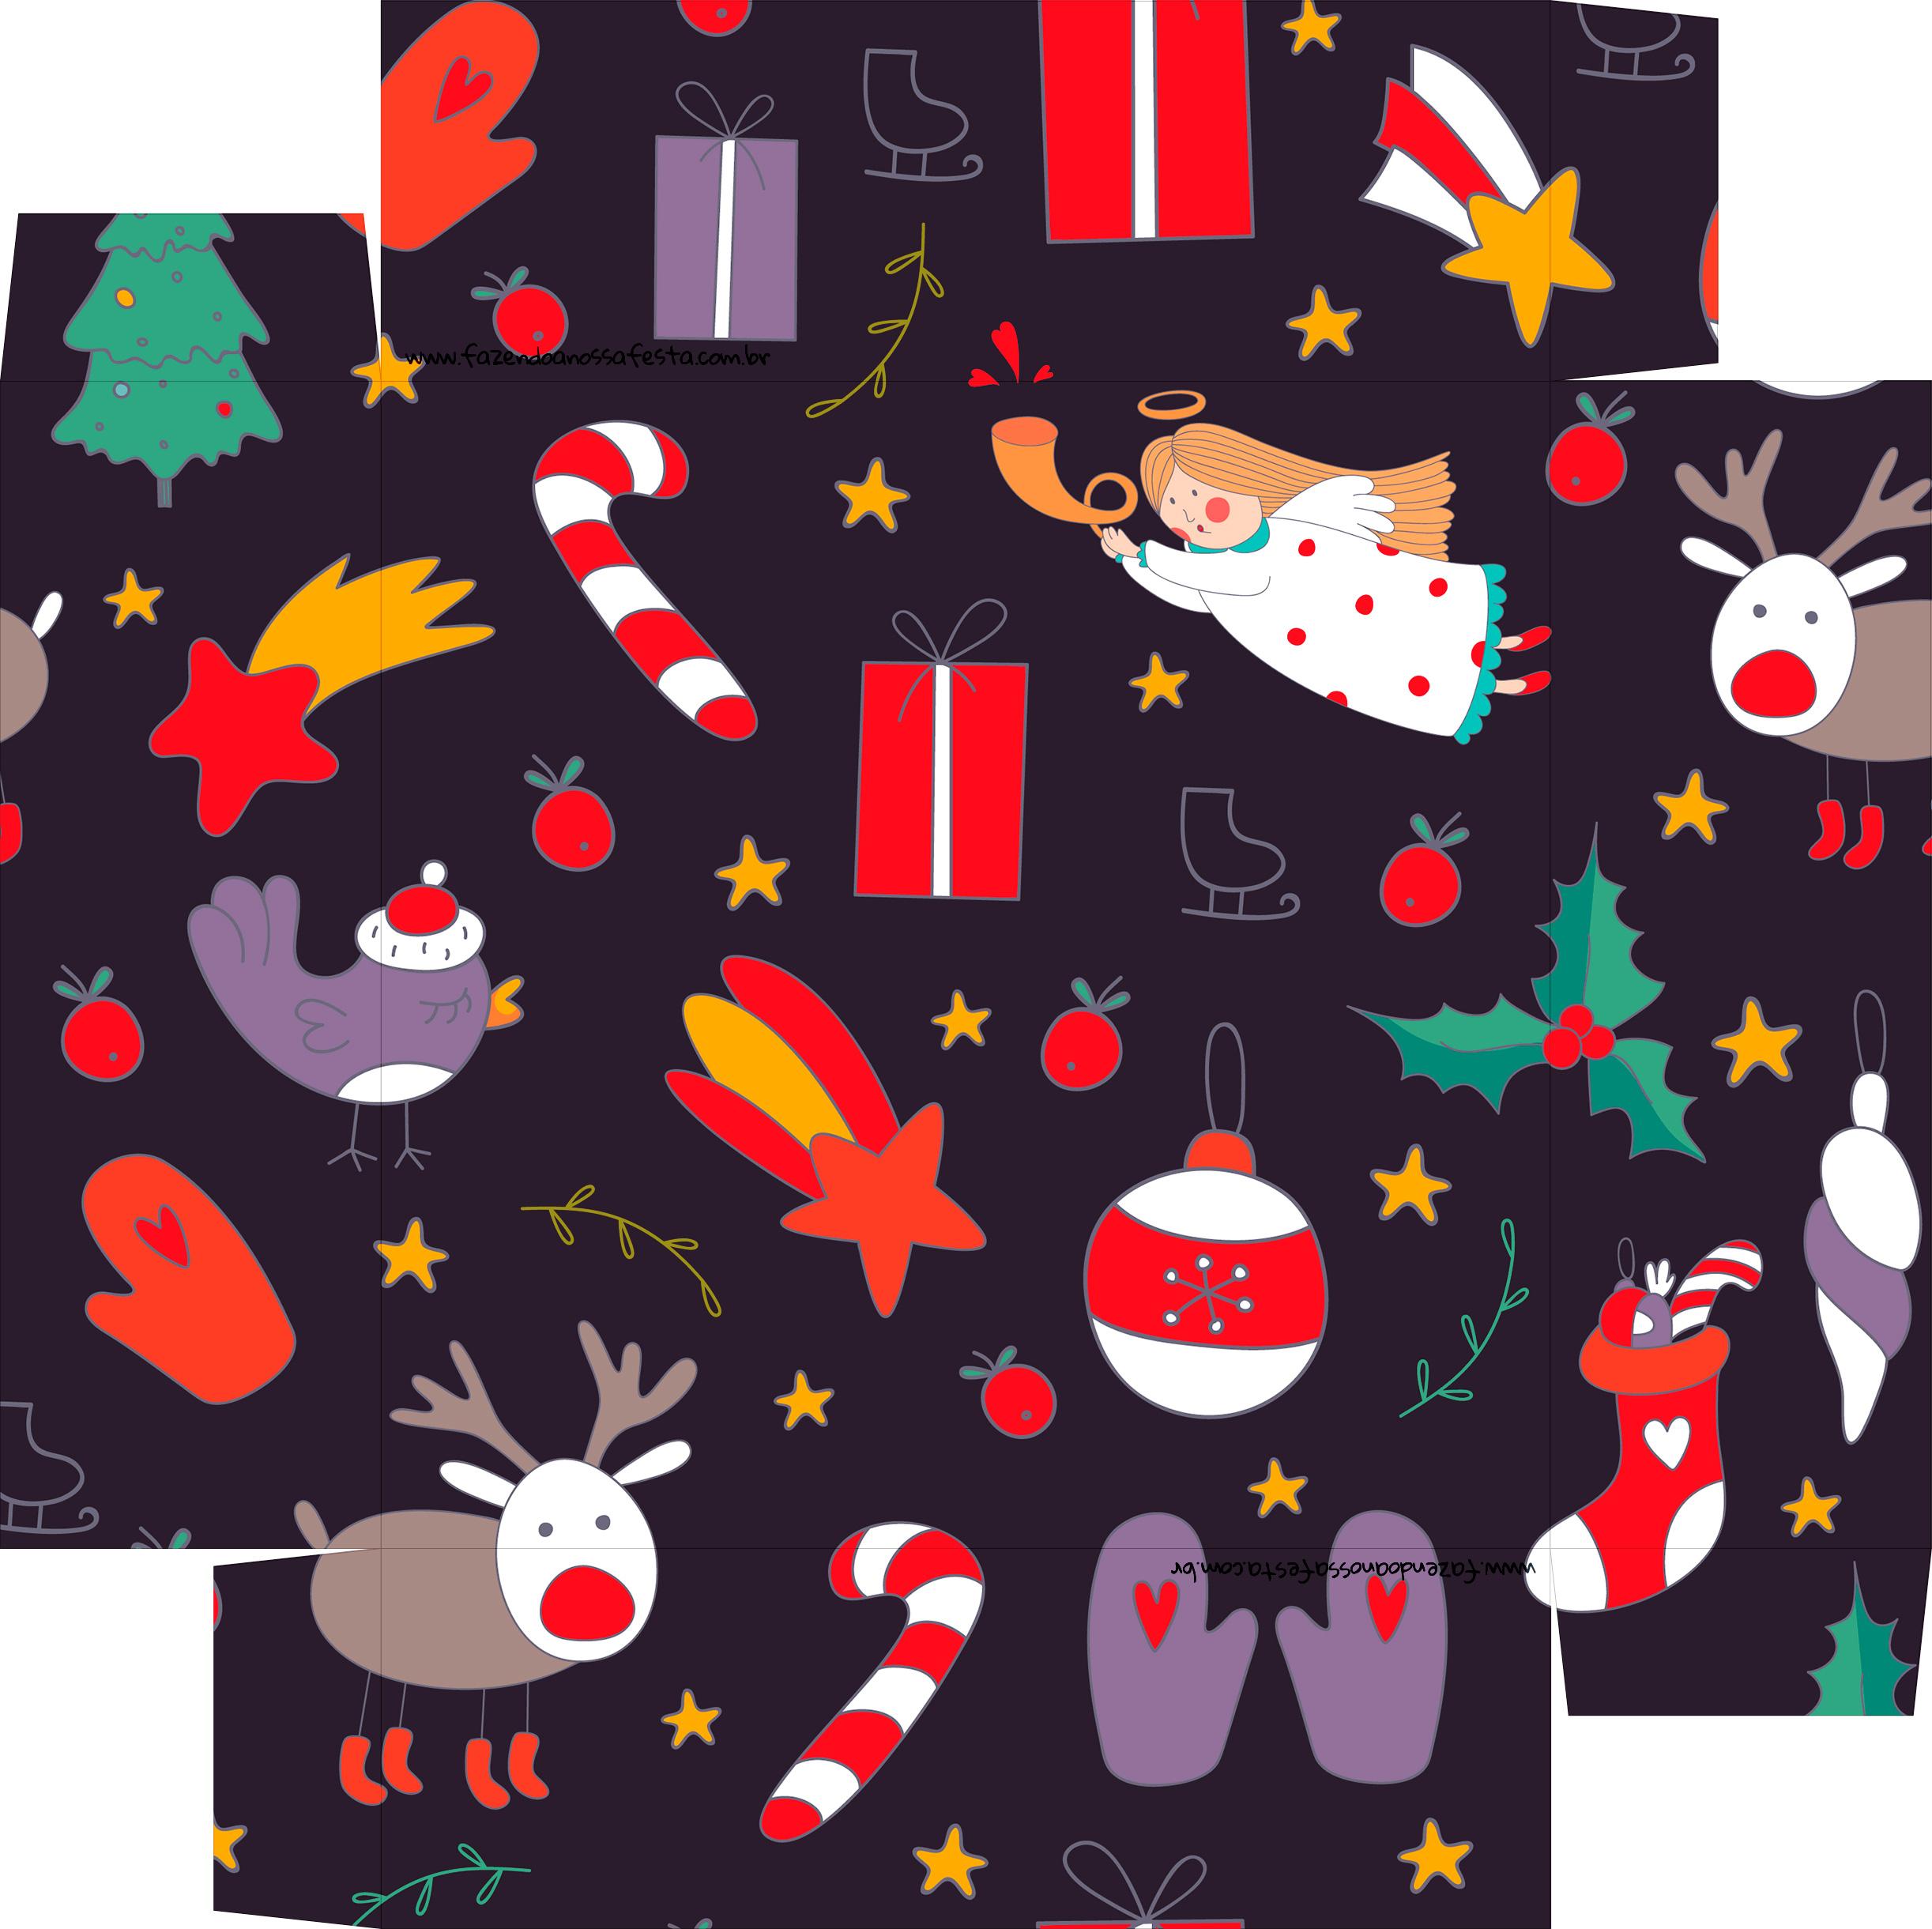 Caixa de Bombom Natal Roxa - fundo